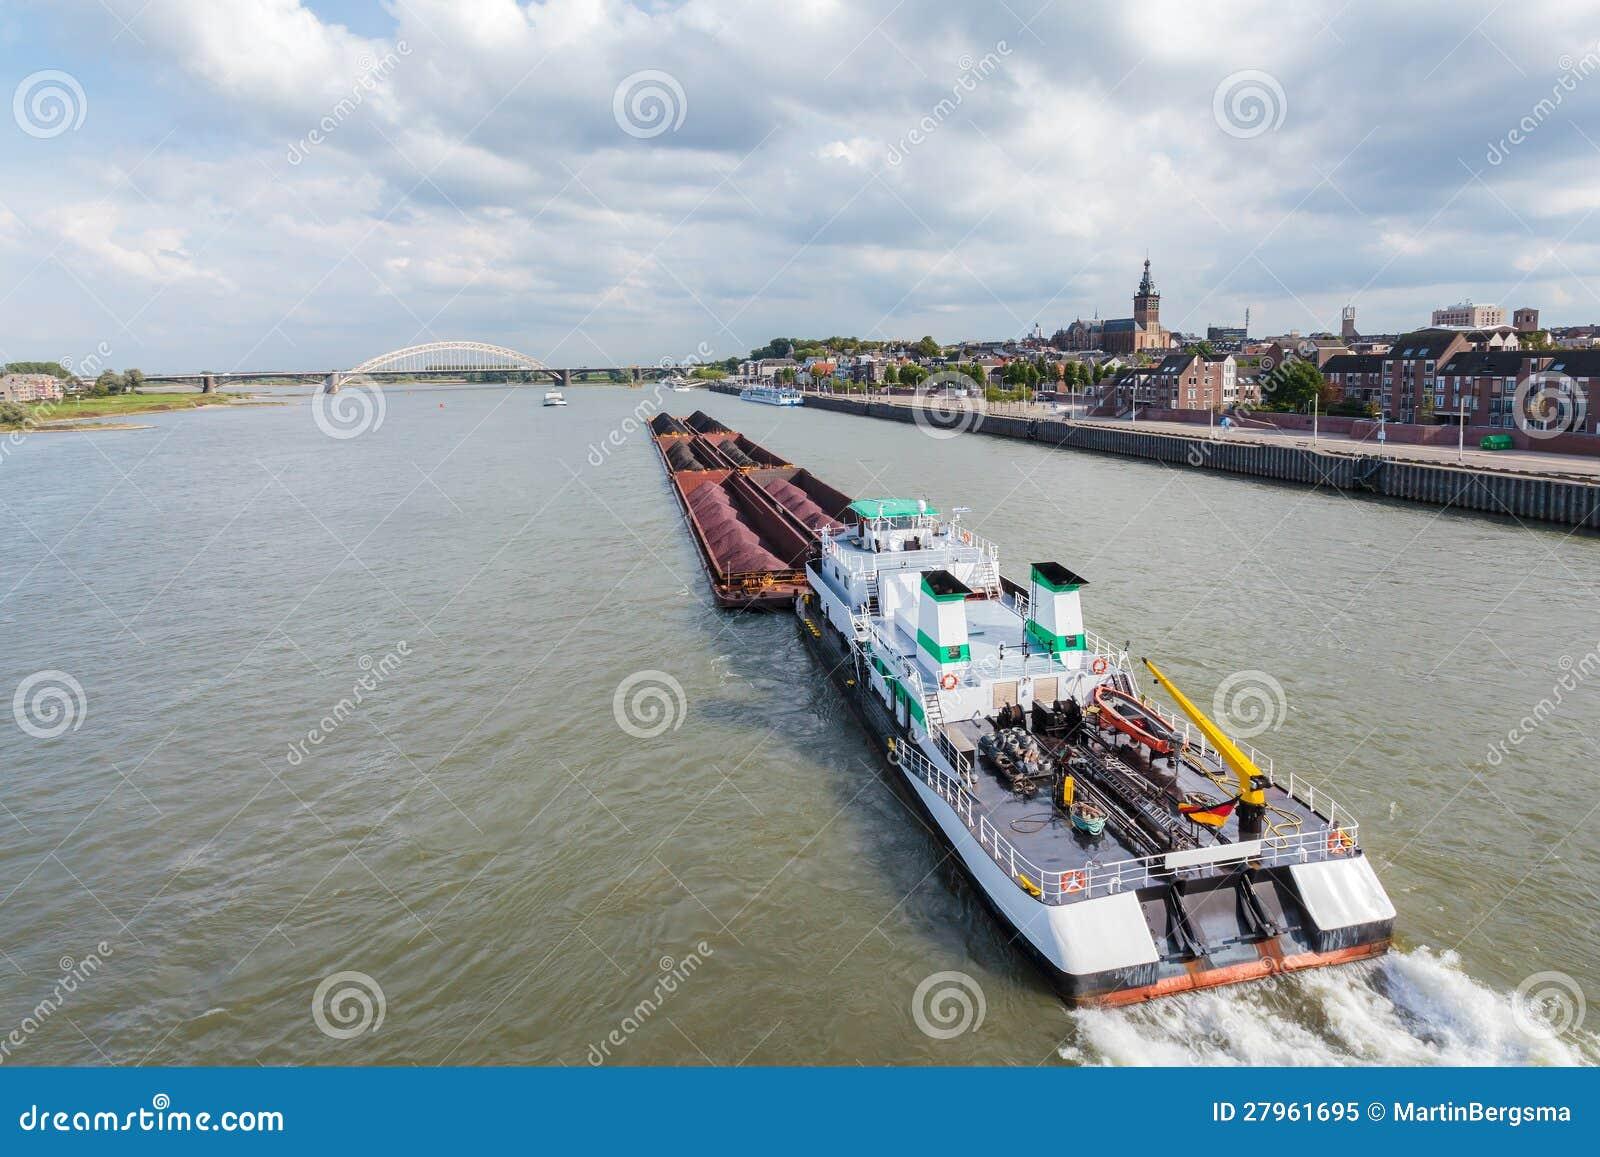 Ladung Riverboat, der die holländische Stadt Nijmegen führt